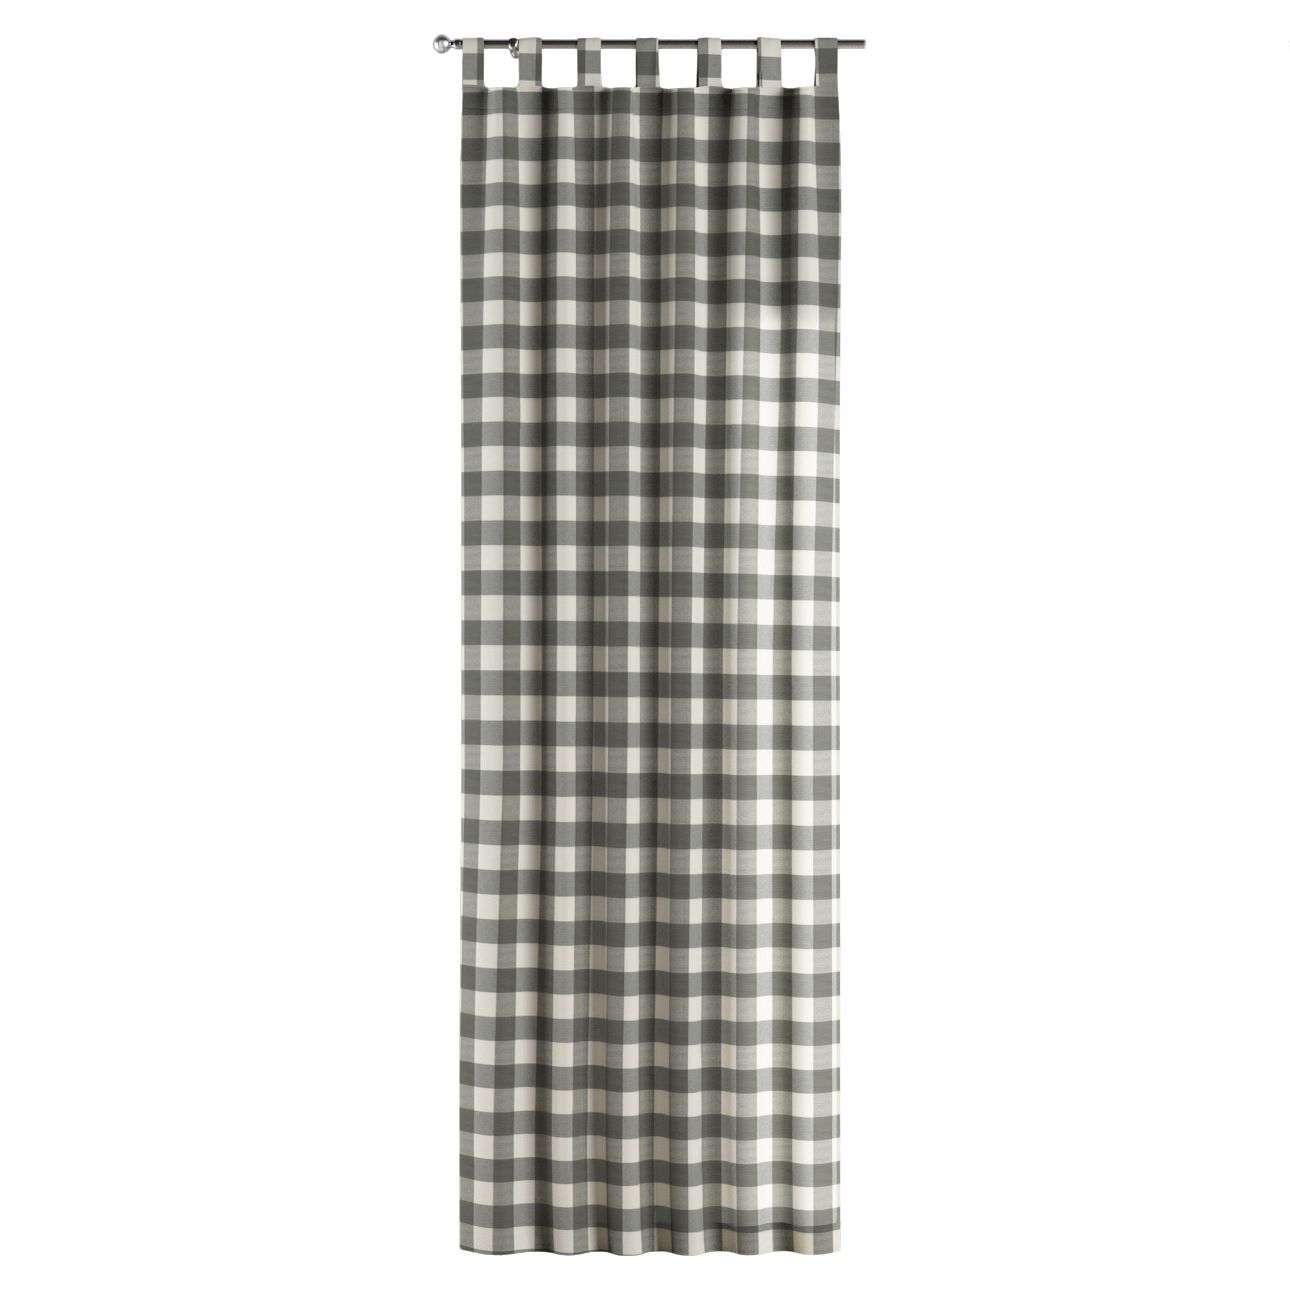 Kilpinio klostavimo užuolaidos 130 x 260 cm (plotis x ilgis) kolekcijoje Quadro, audinys: 136-13